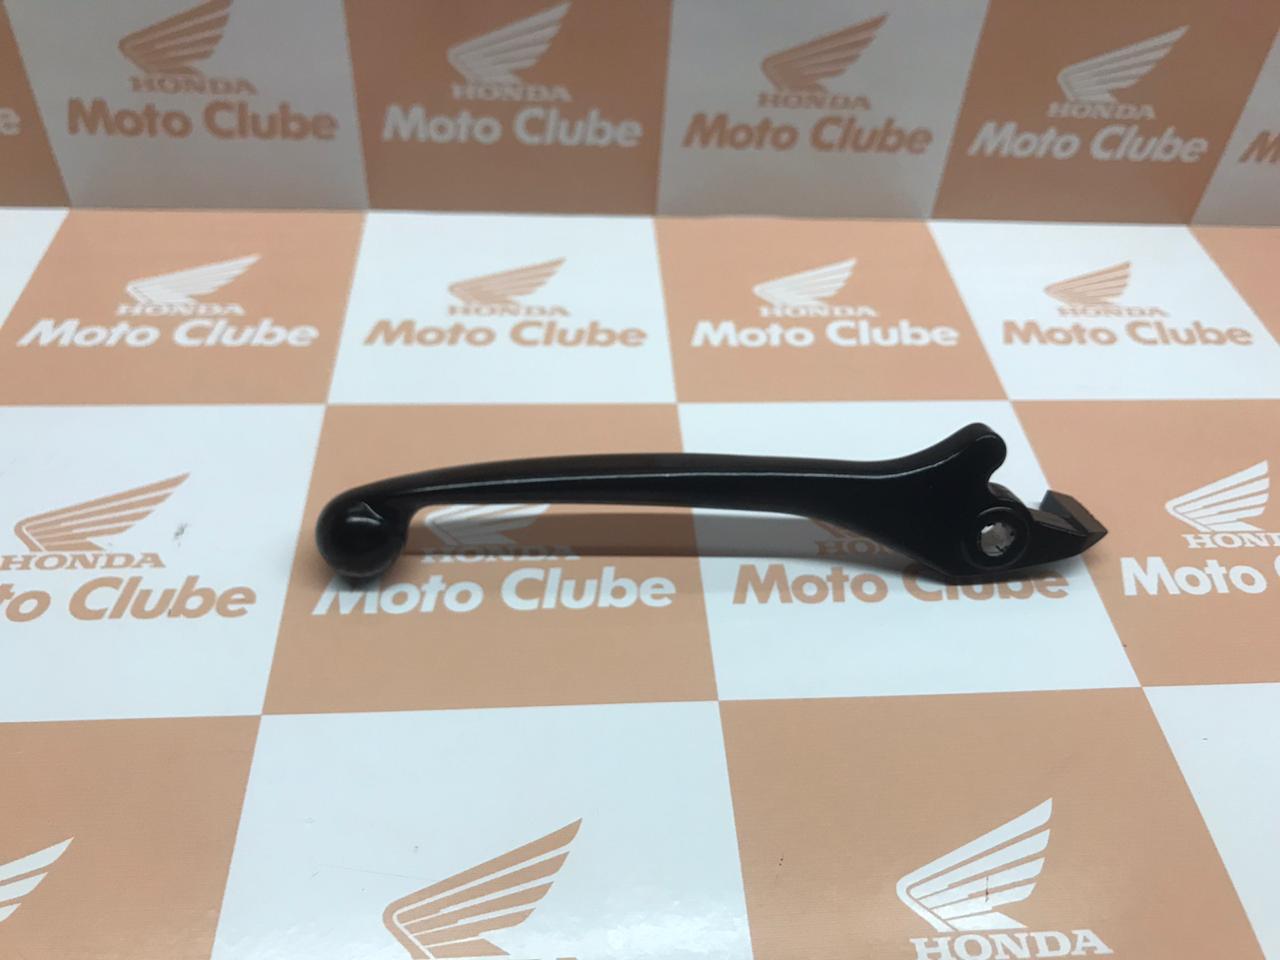 Alavanca de Freio a disco Biz 125 Original Honda 53175KTE921